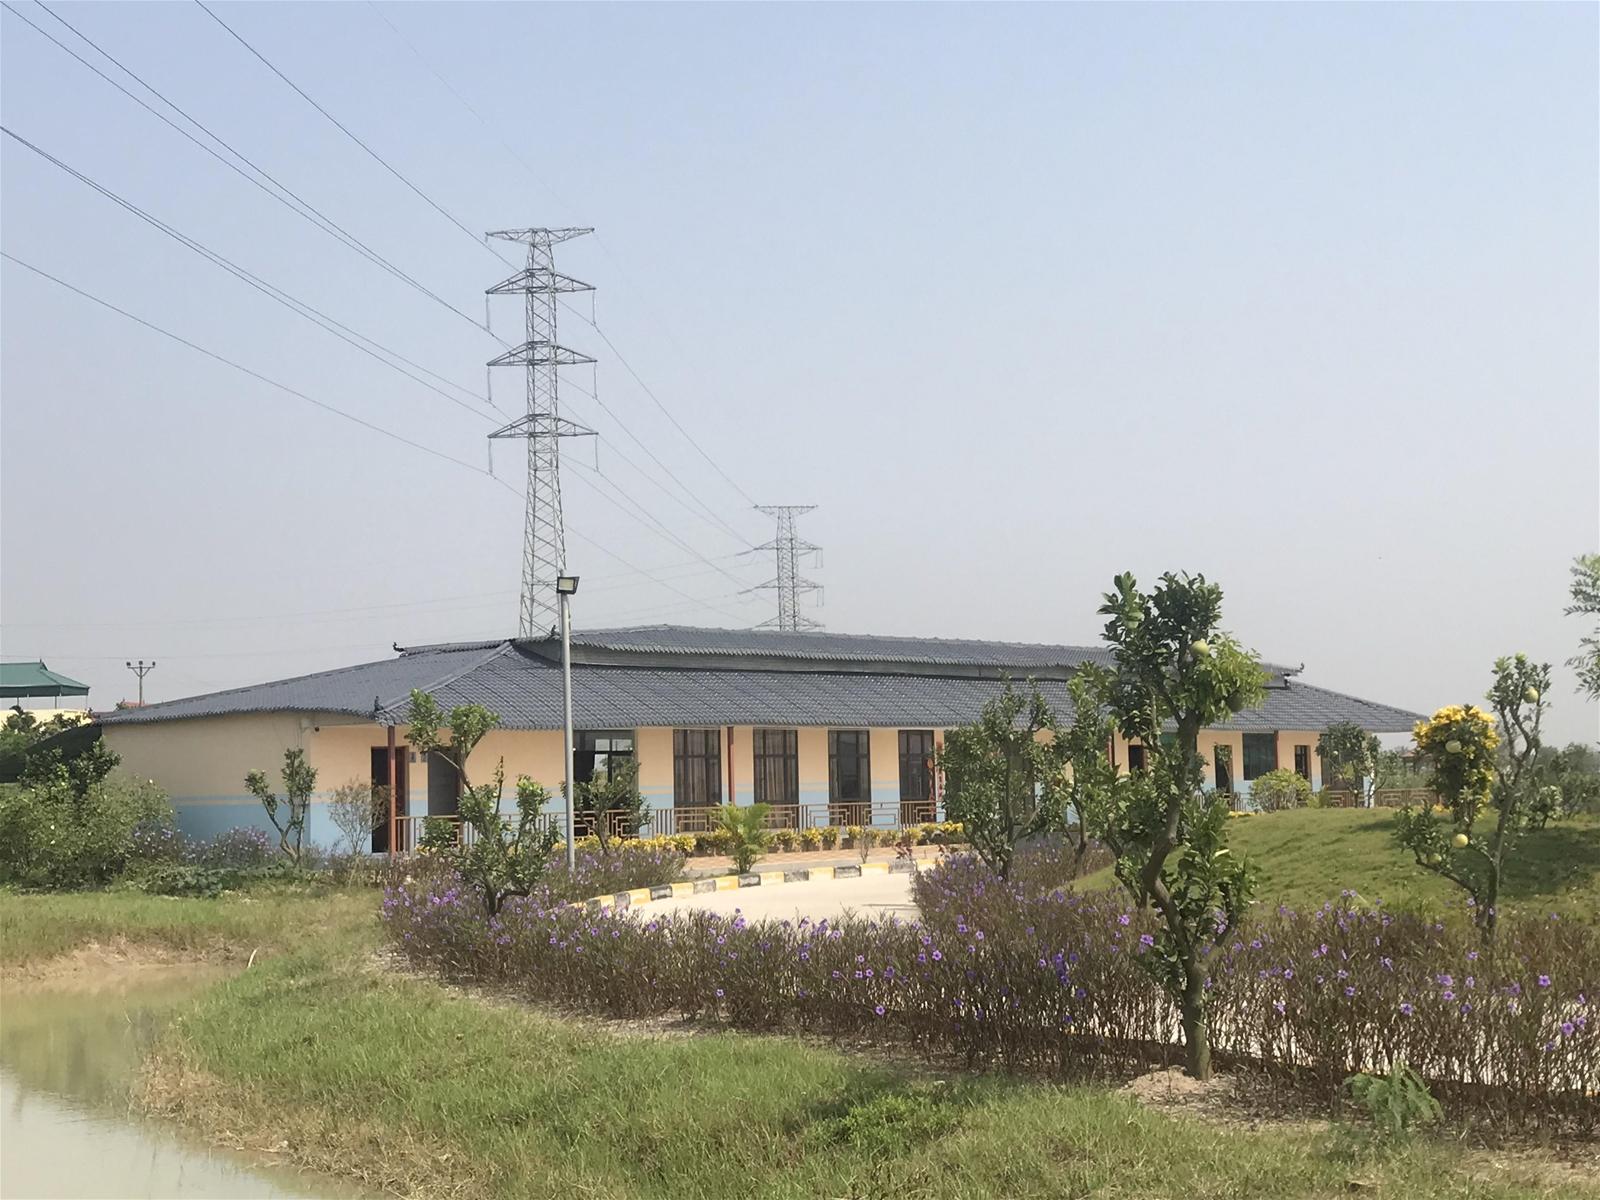 Hải Phòng: Vấn nạn xây dựng không phép trong KCN